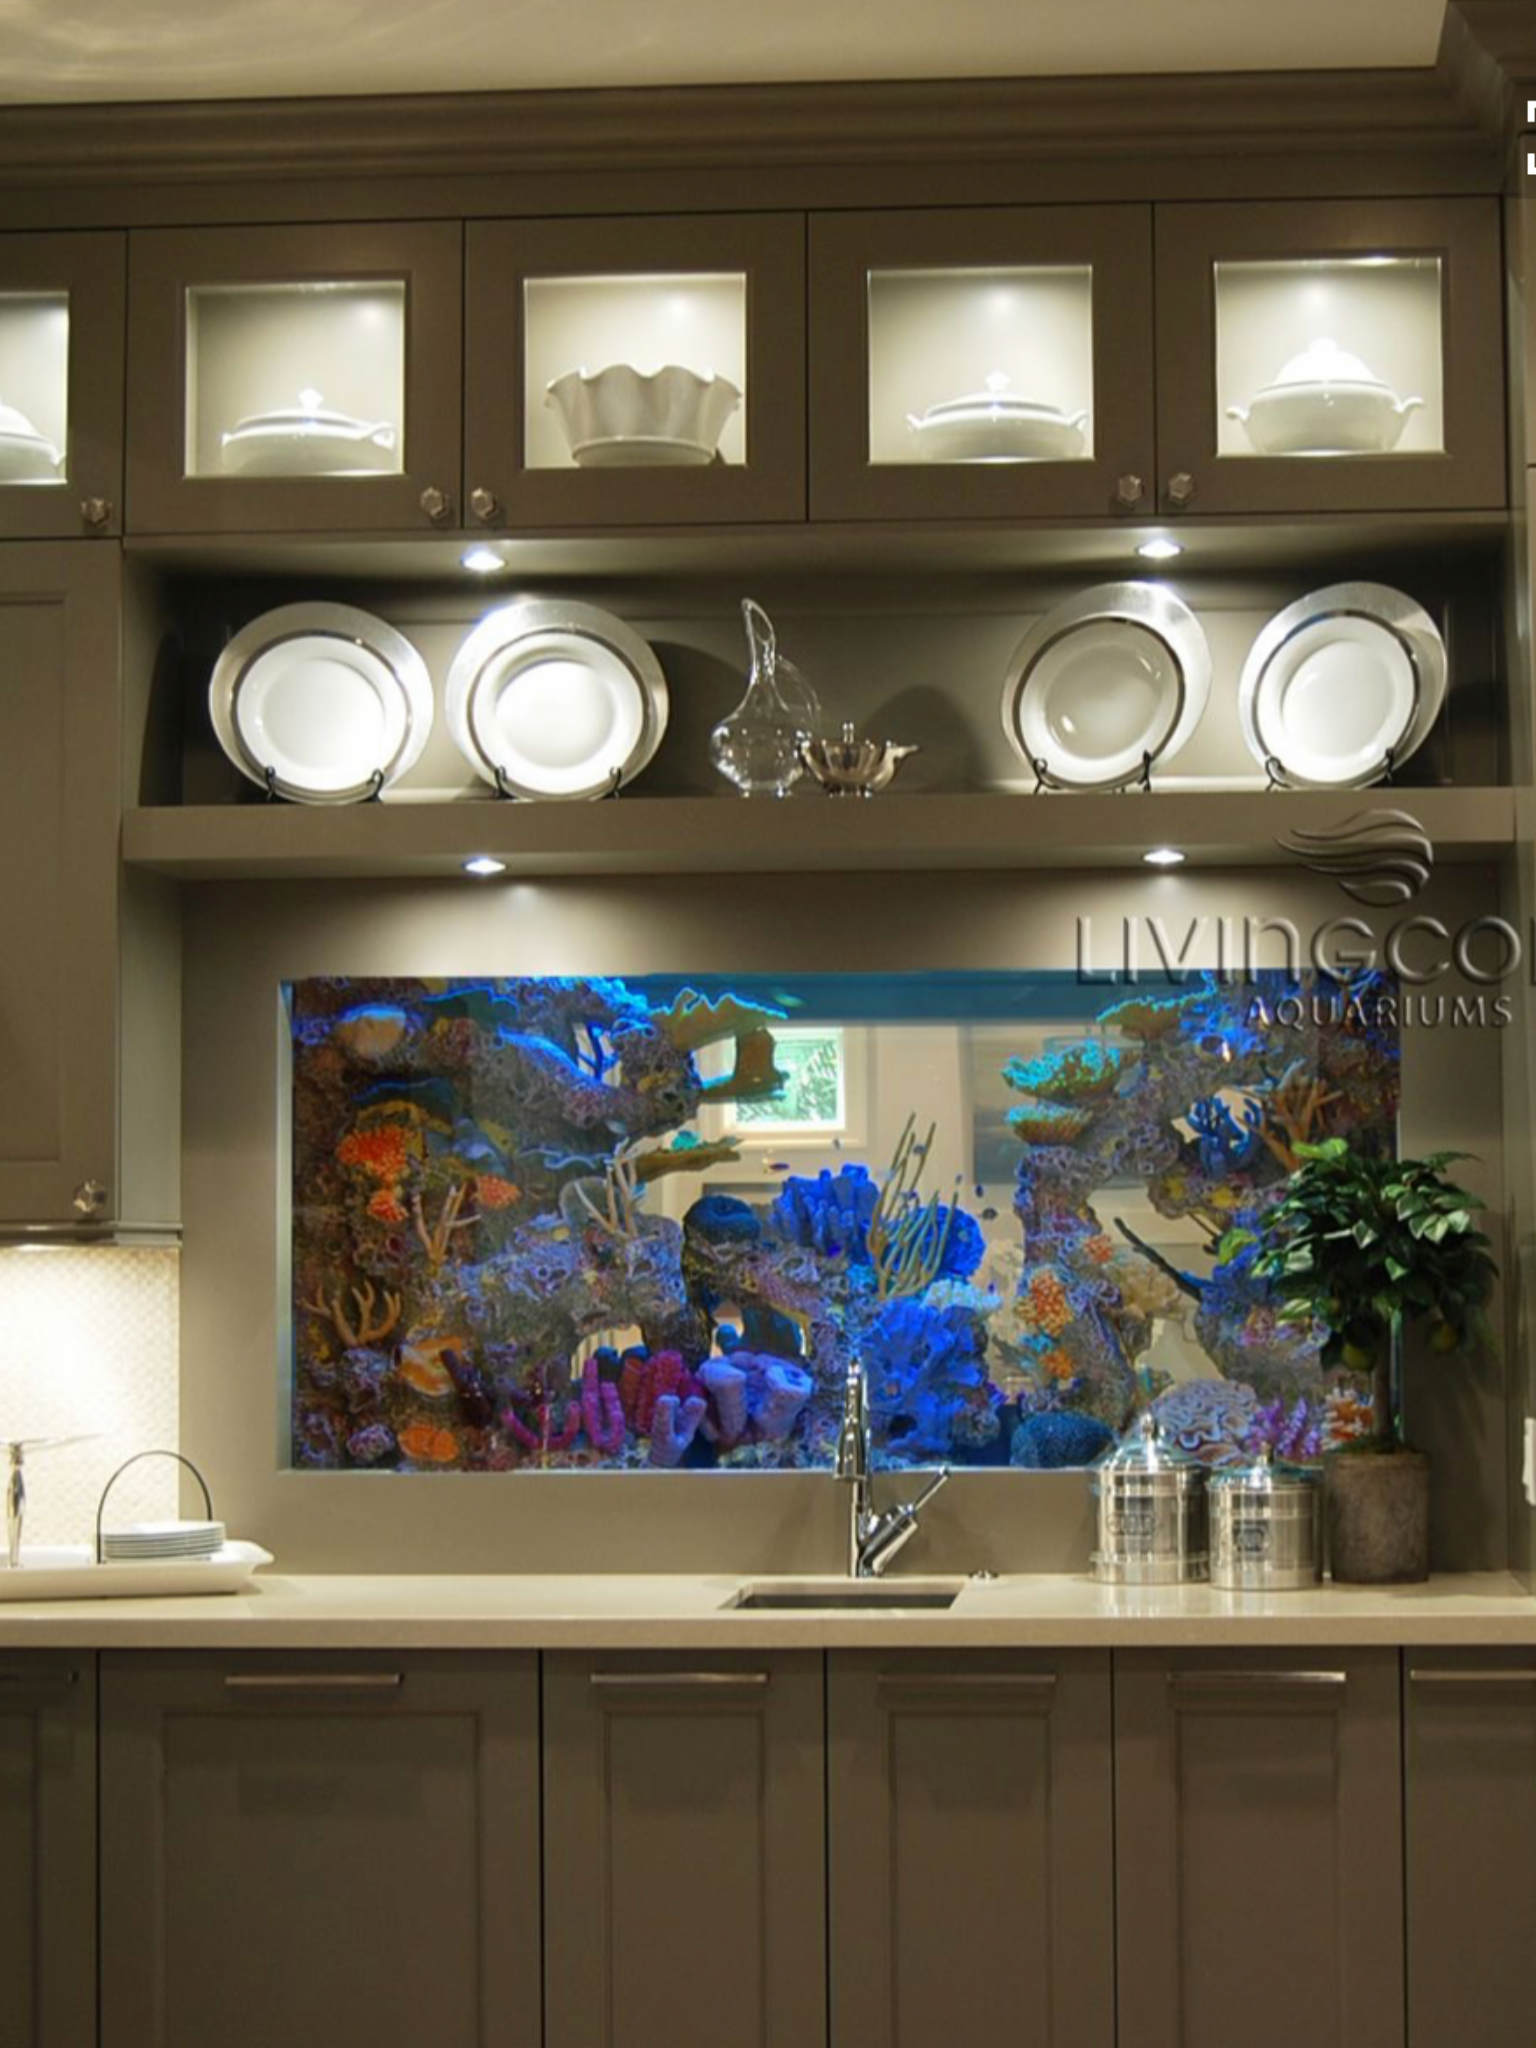 Home Aquarium Design Ideas: Kitchen Aquarium